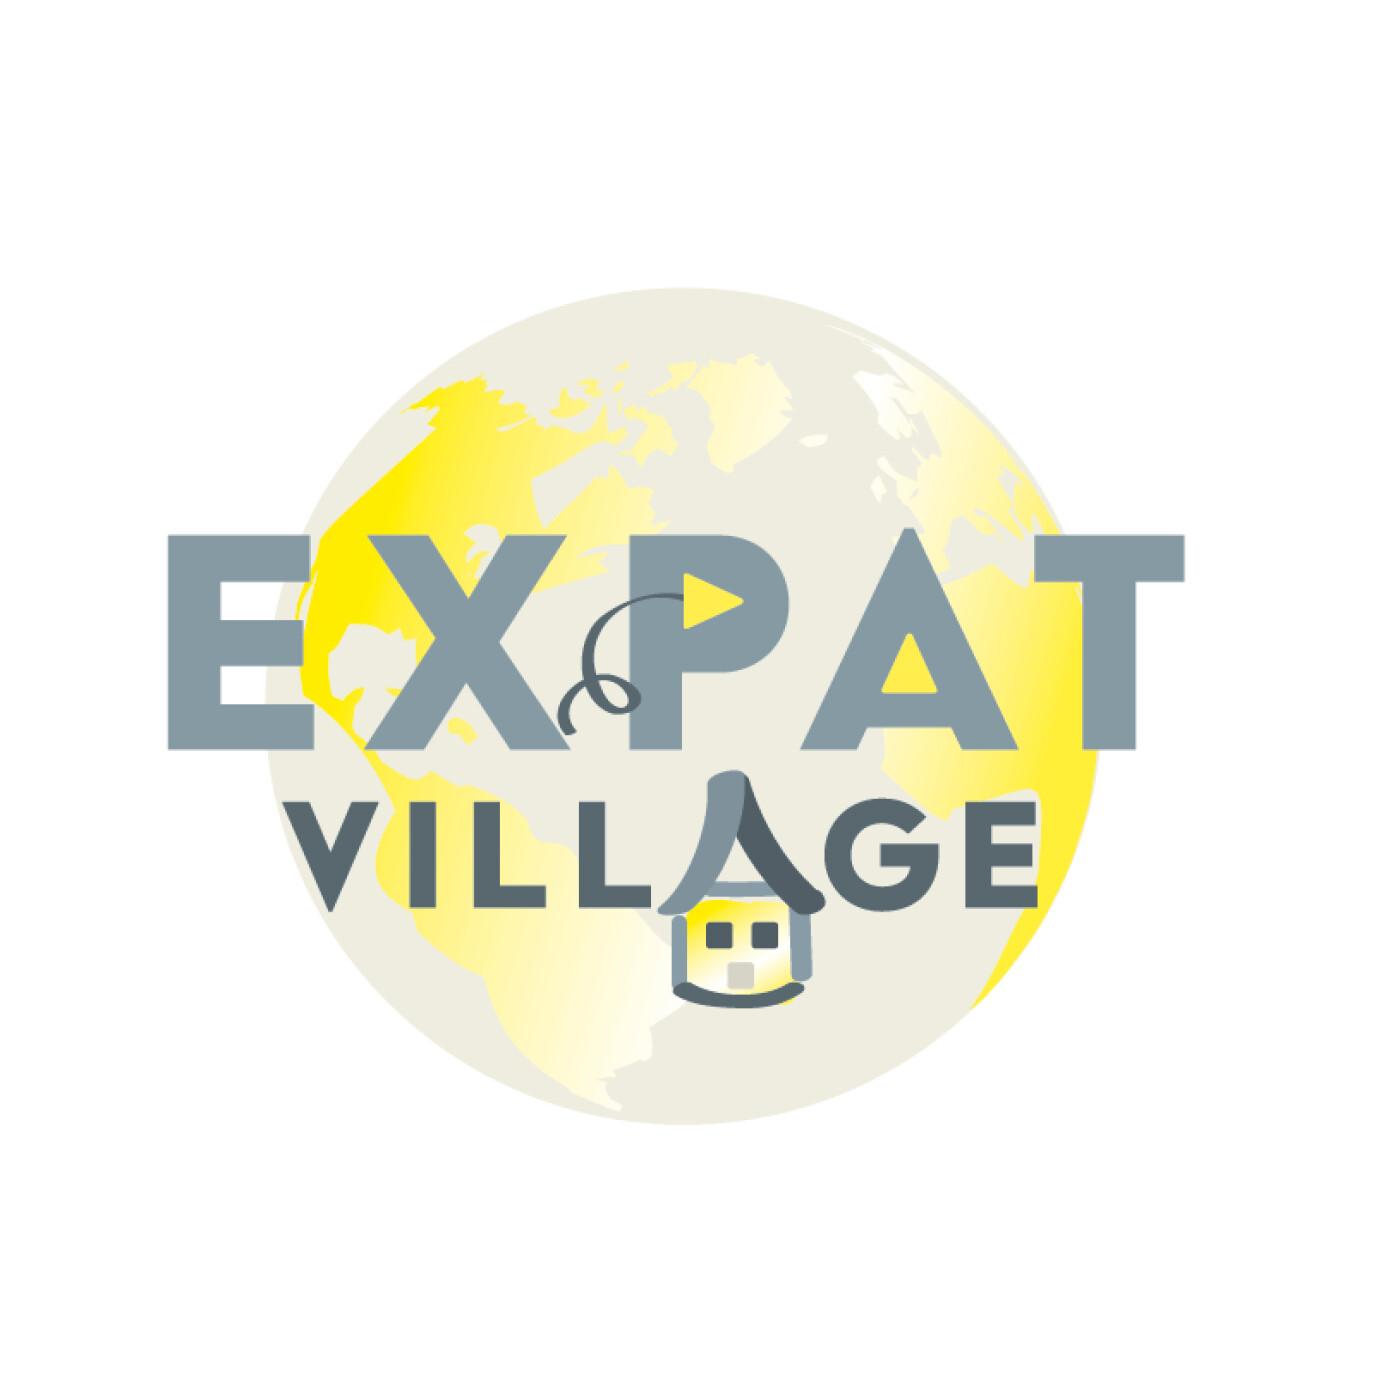 Florence, fondatrice d'Expat-Village nous présente son service - 17 03 2021 - StereoChic Radio